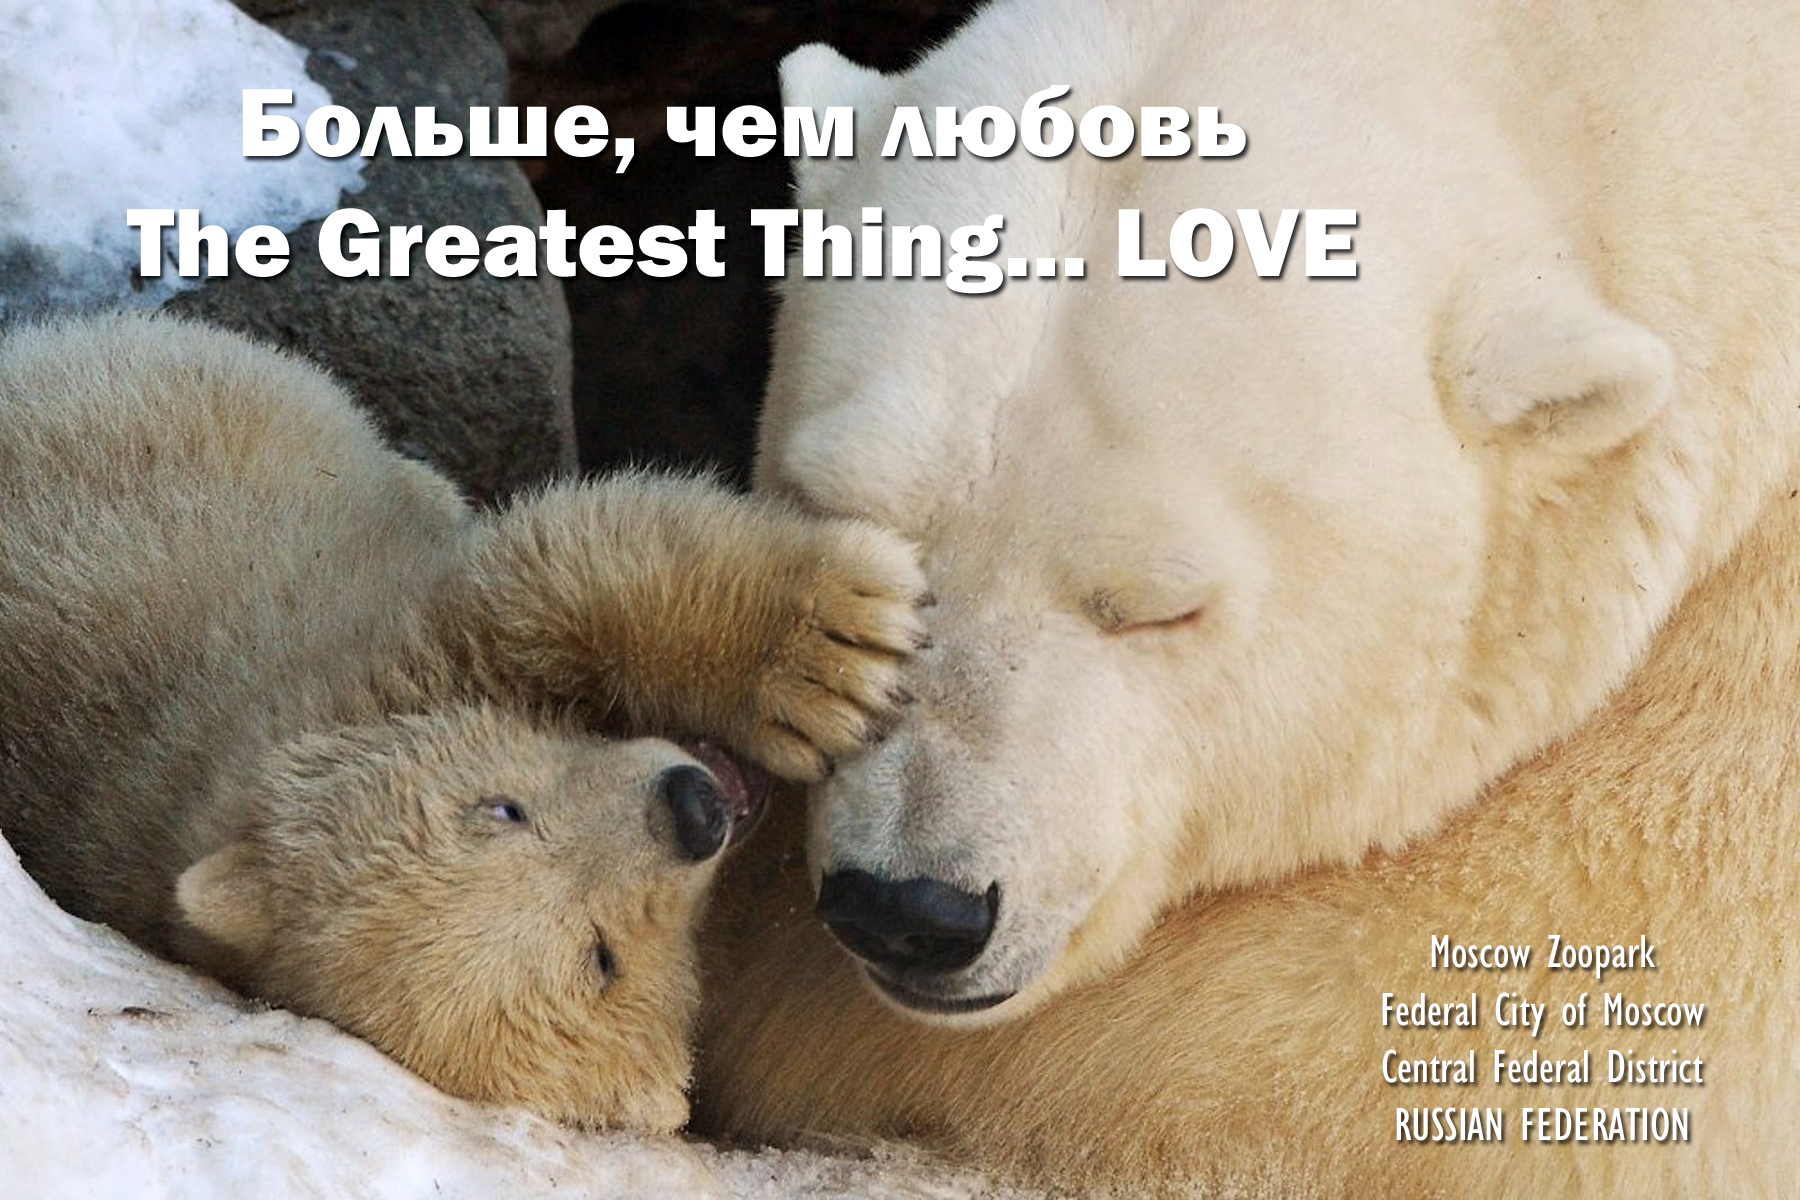 00 Polar Bear cub. Moscow Zoopark. 010516